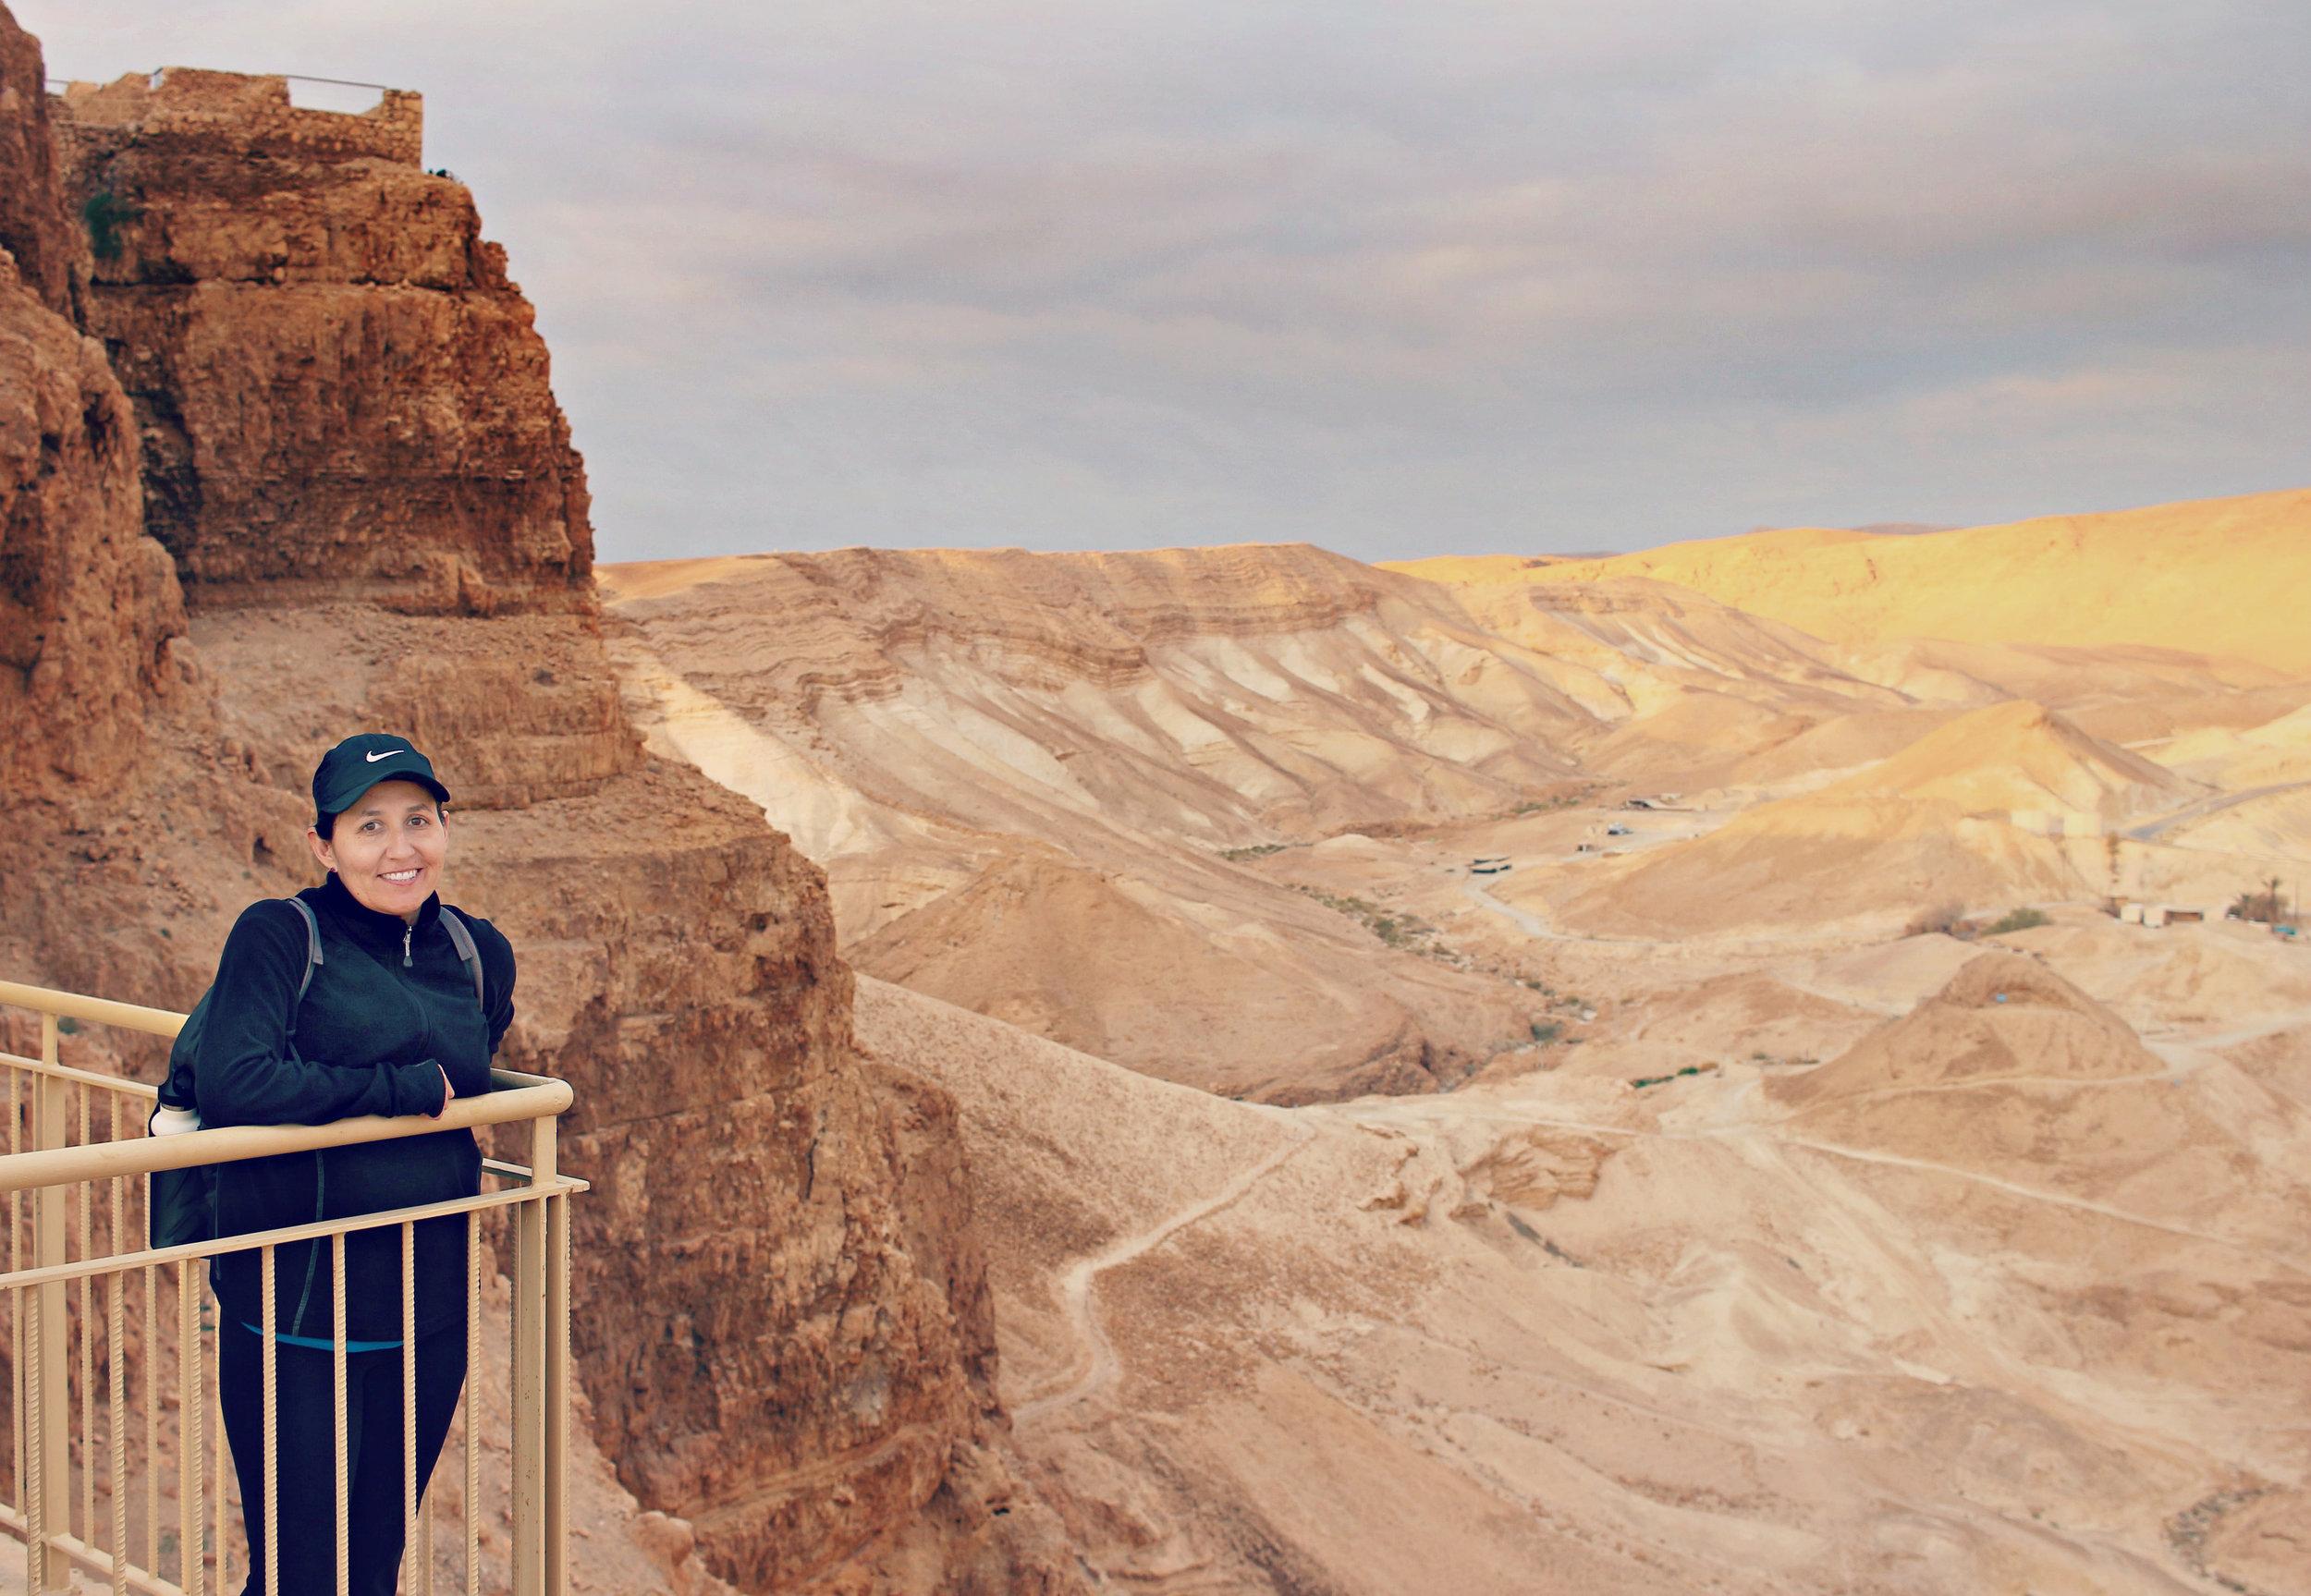 My Friend at Masada Near the Breaching Point